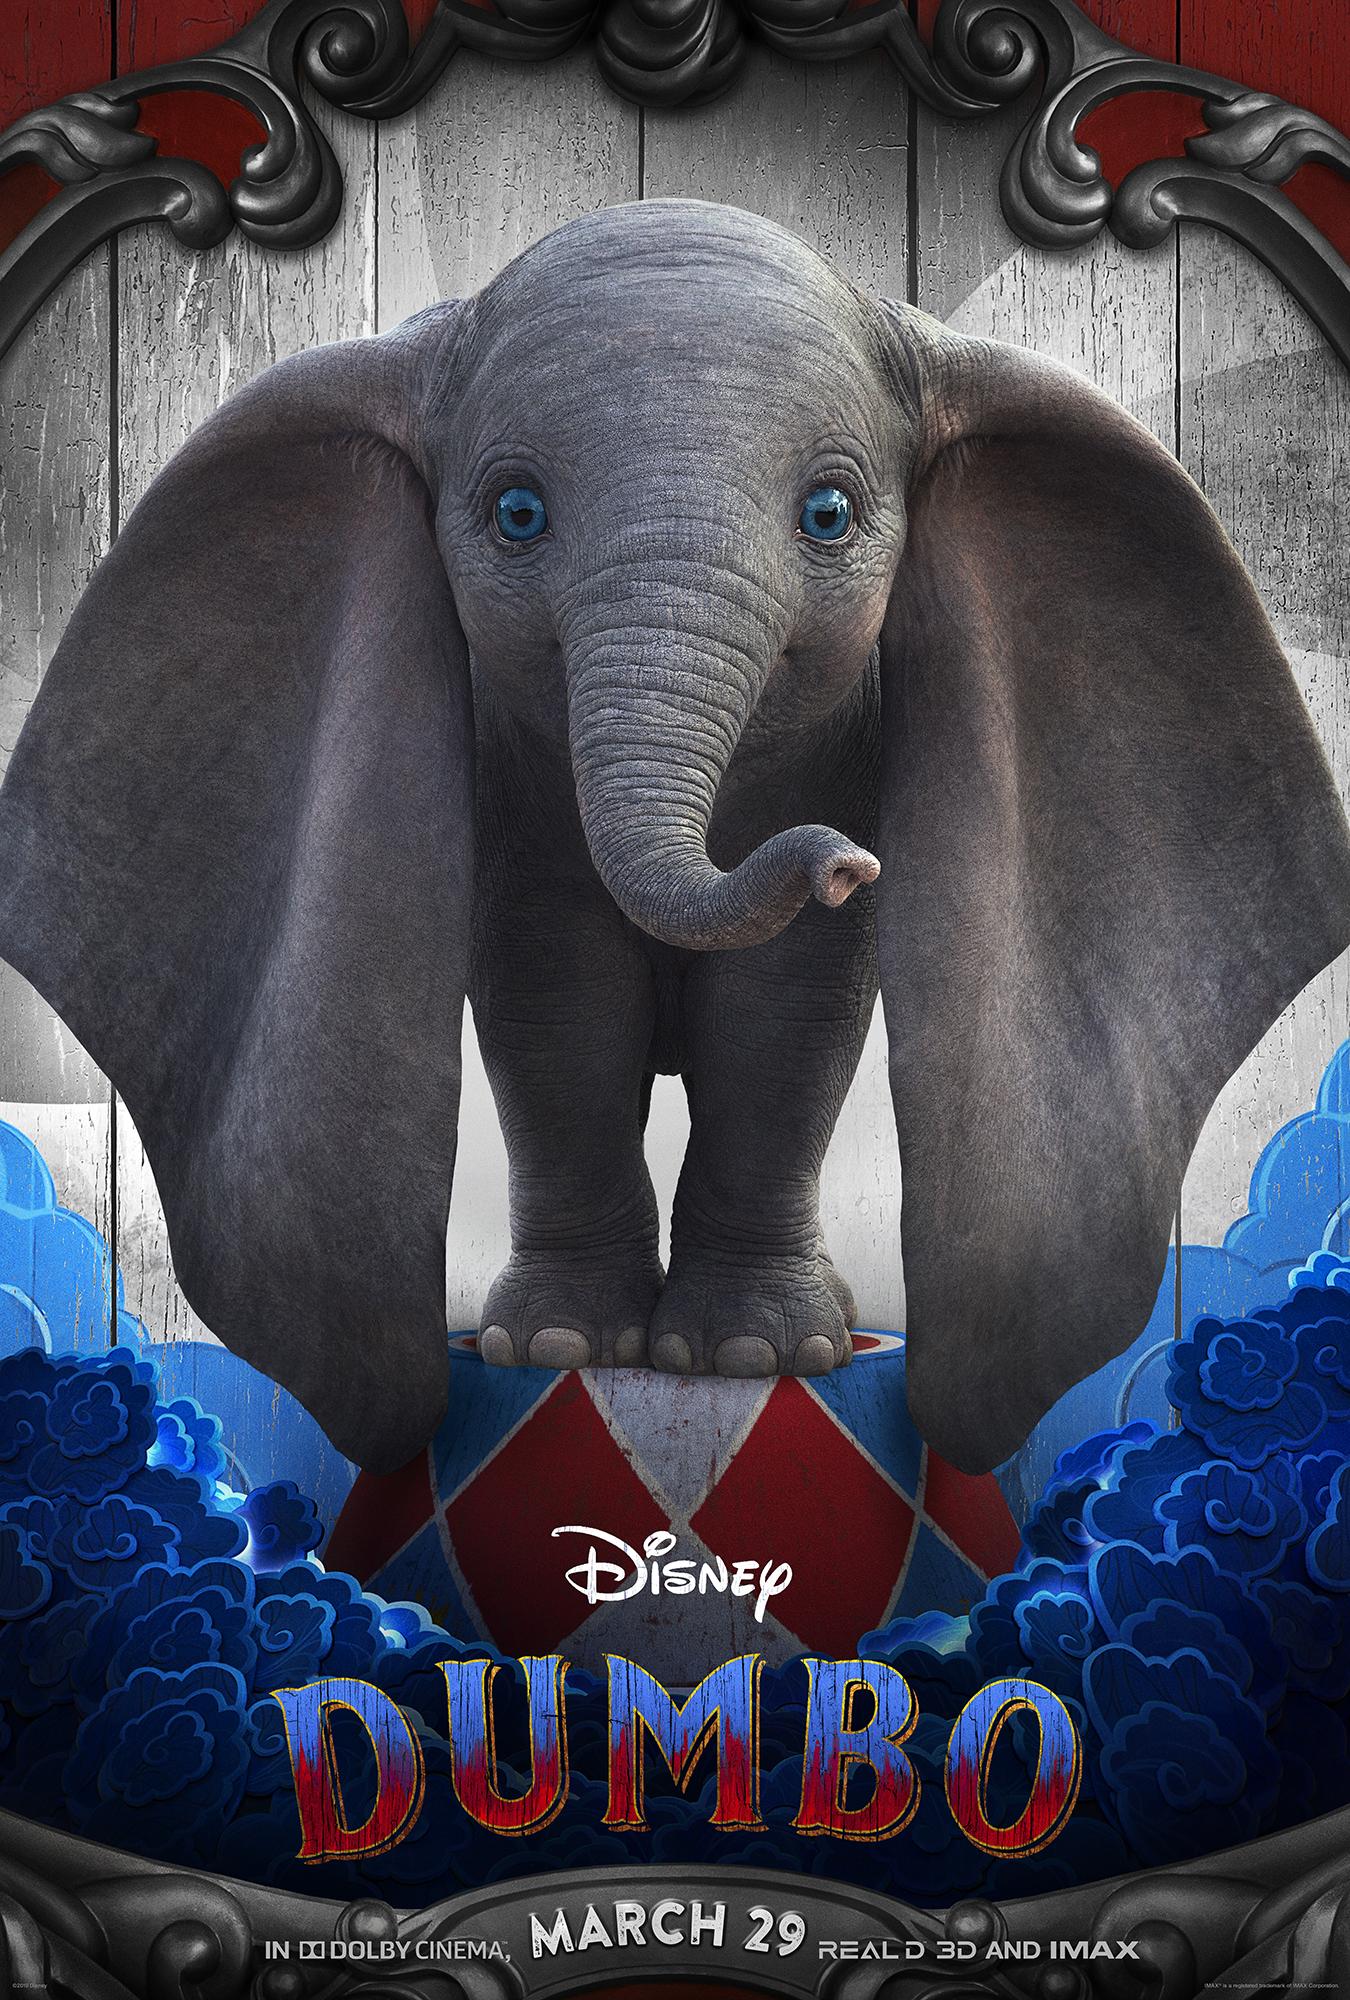 Dumbo_1Sht Character_DUMBO_100dpi.jpg